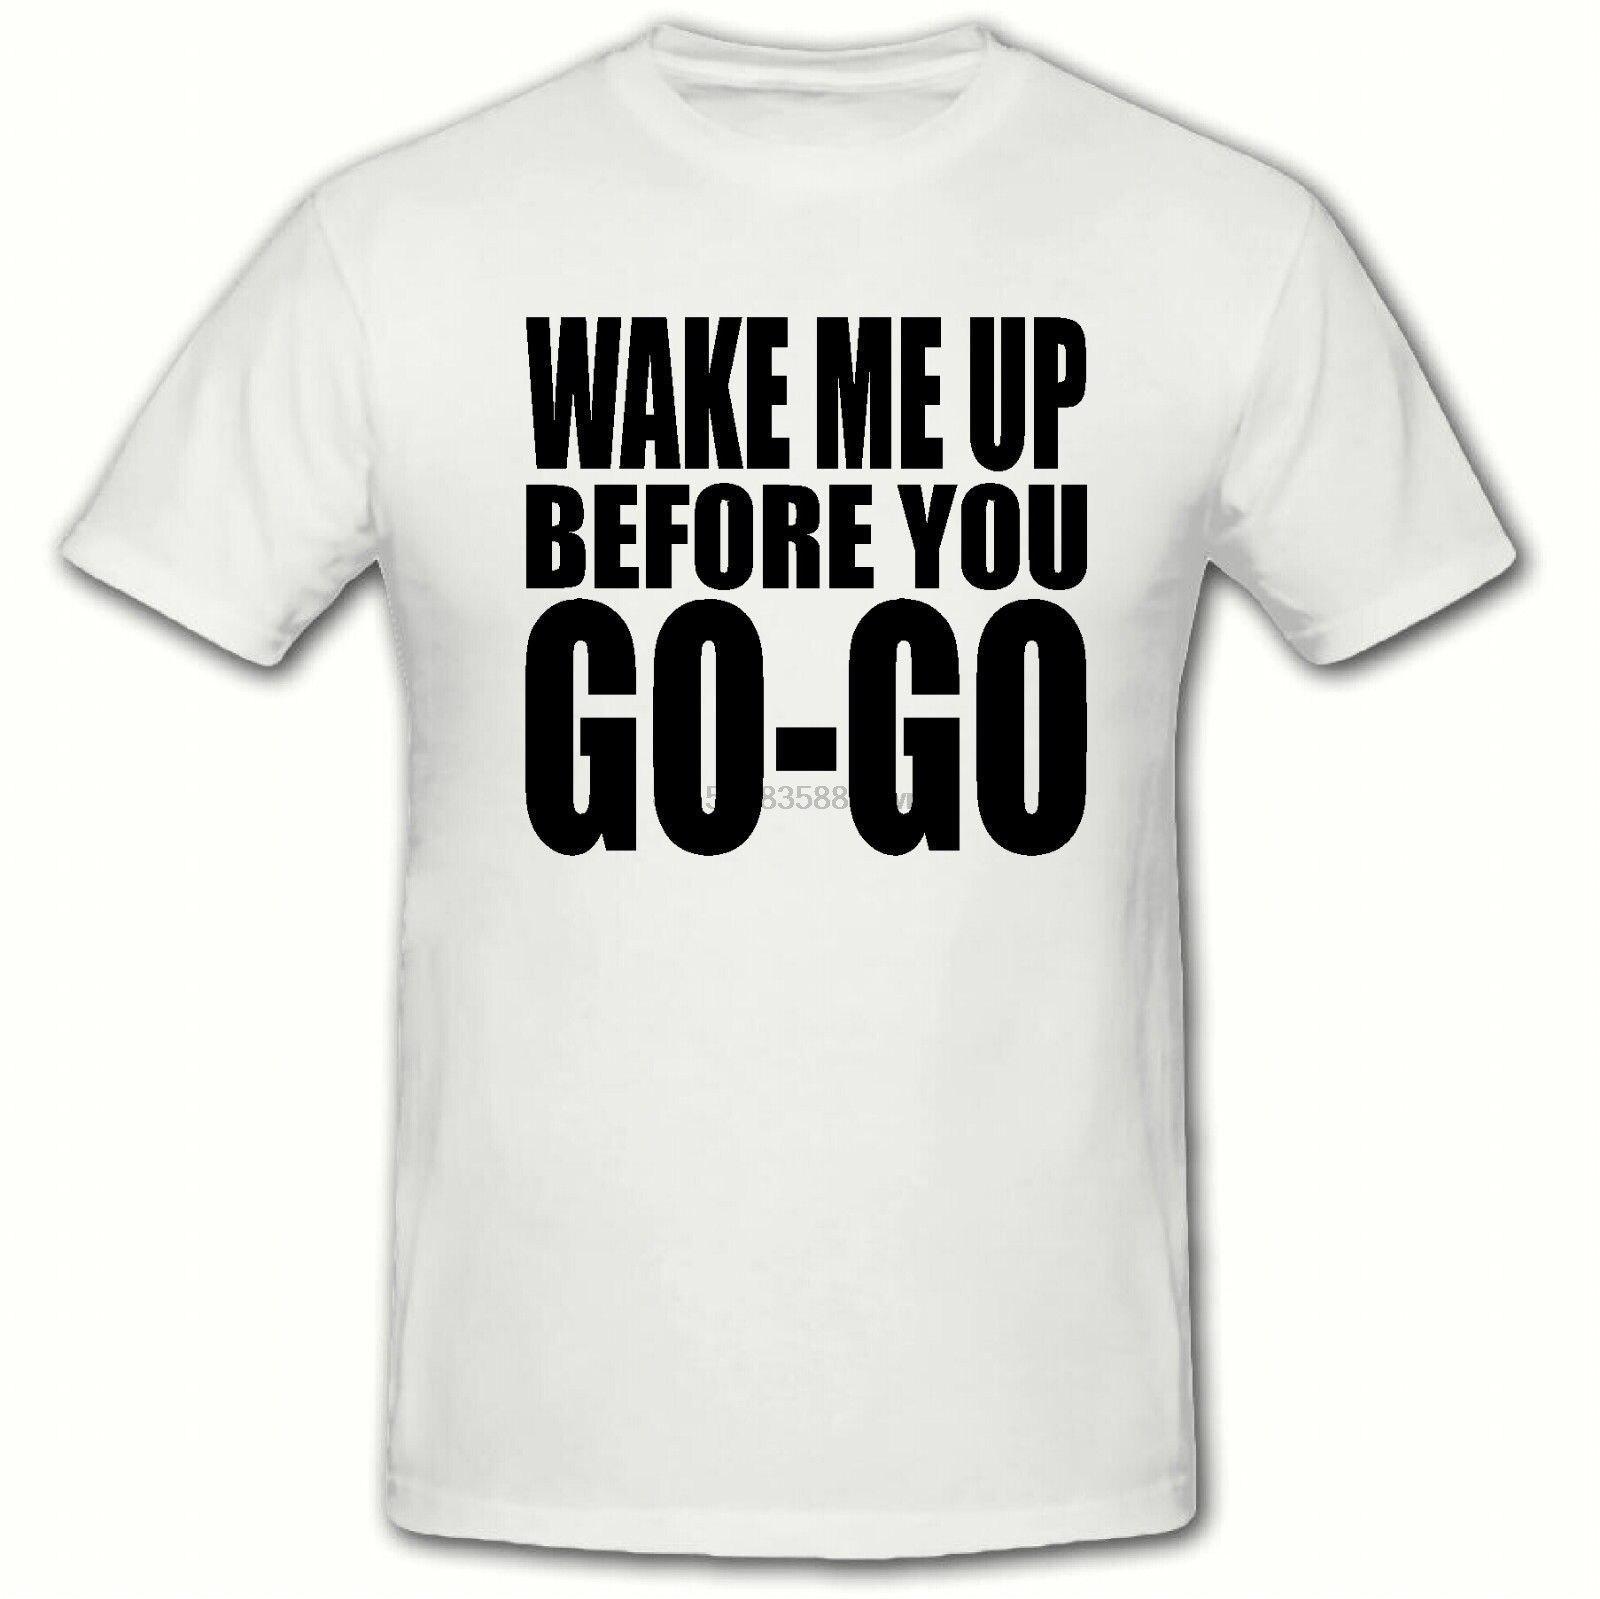 Wake Me Up antes de ir a ir, camiseta Wham 80 George Michael Choose Life concierto